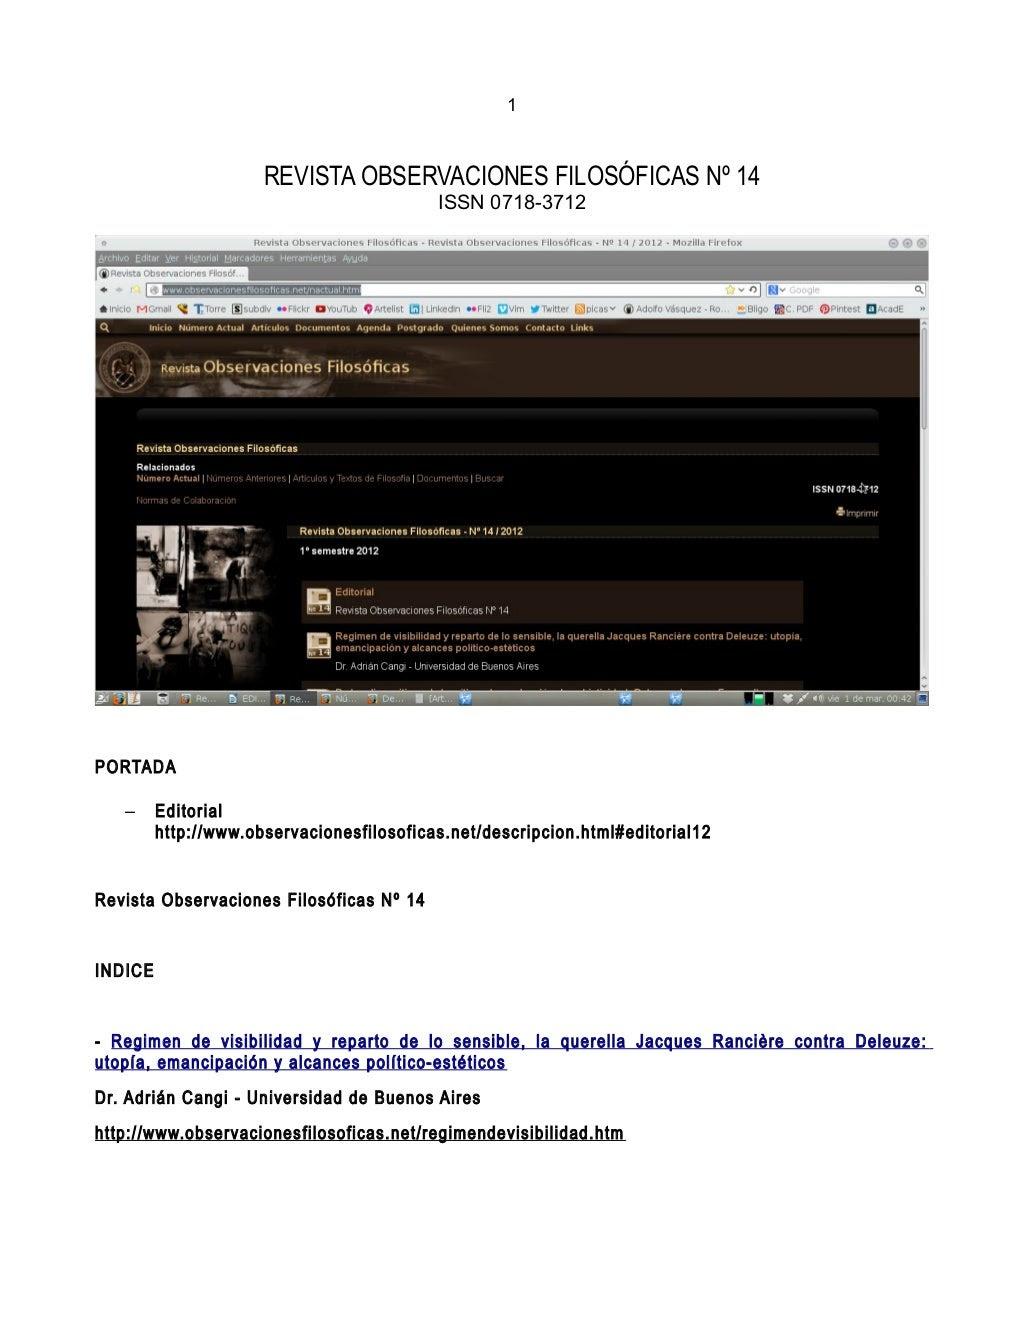 http://image.slidesharecdn.com/revistaobservacionesfilosficasn14indice-130308182334-phpapp02/95/slide-1-1024.jpg